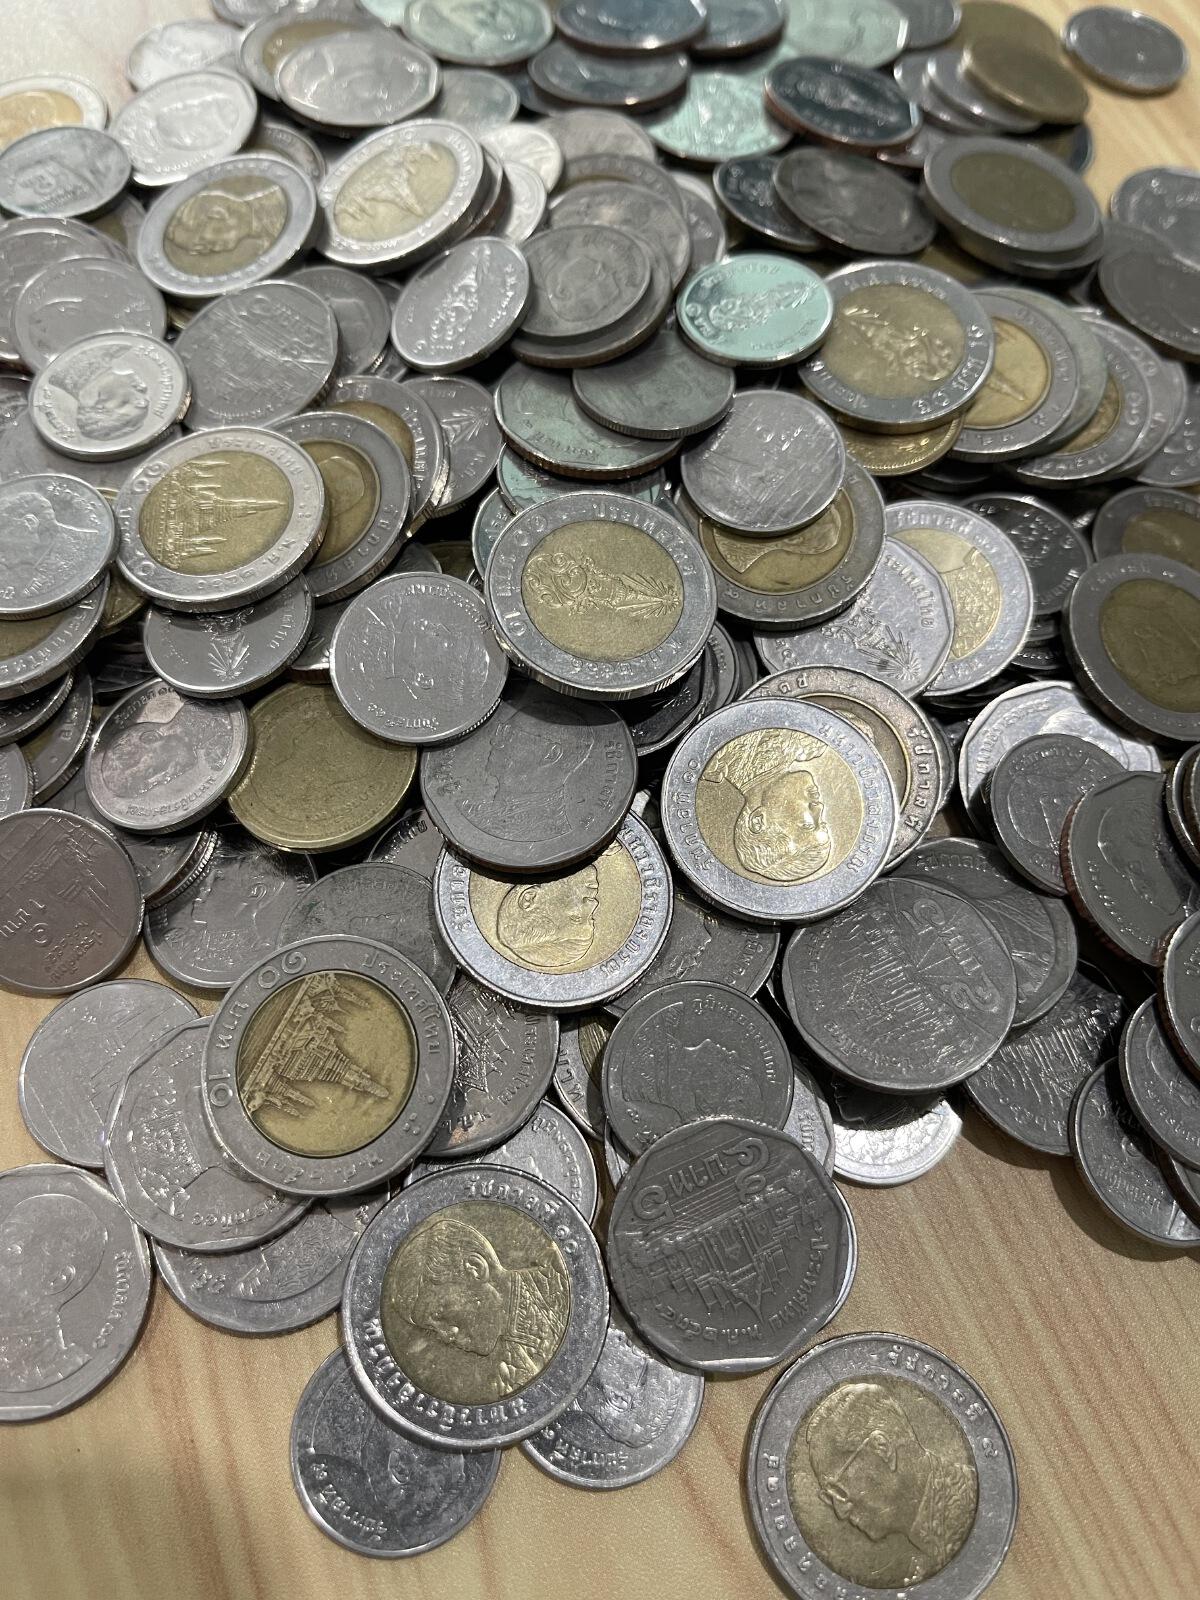 โควิด-19 ทำคนไทยเป็นหนี้มากขึ้น